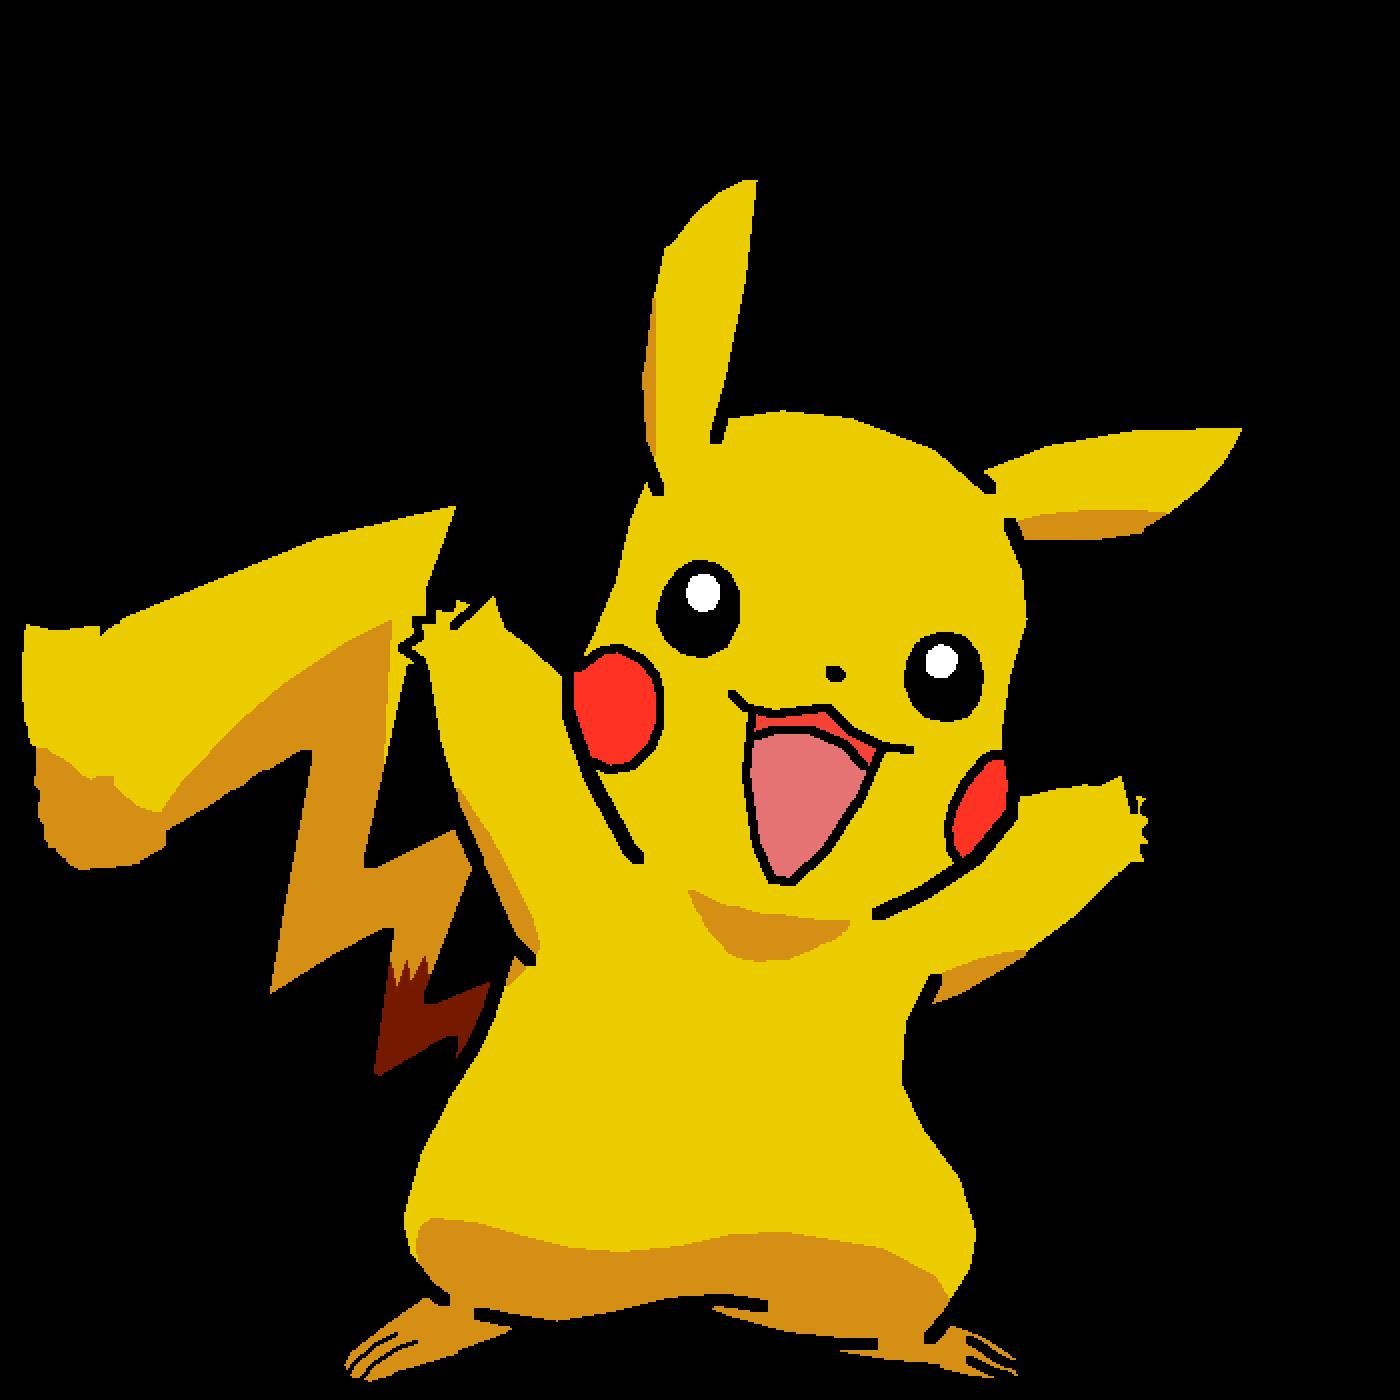 pikachu by oceanraptor